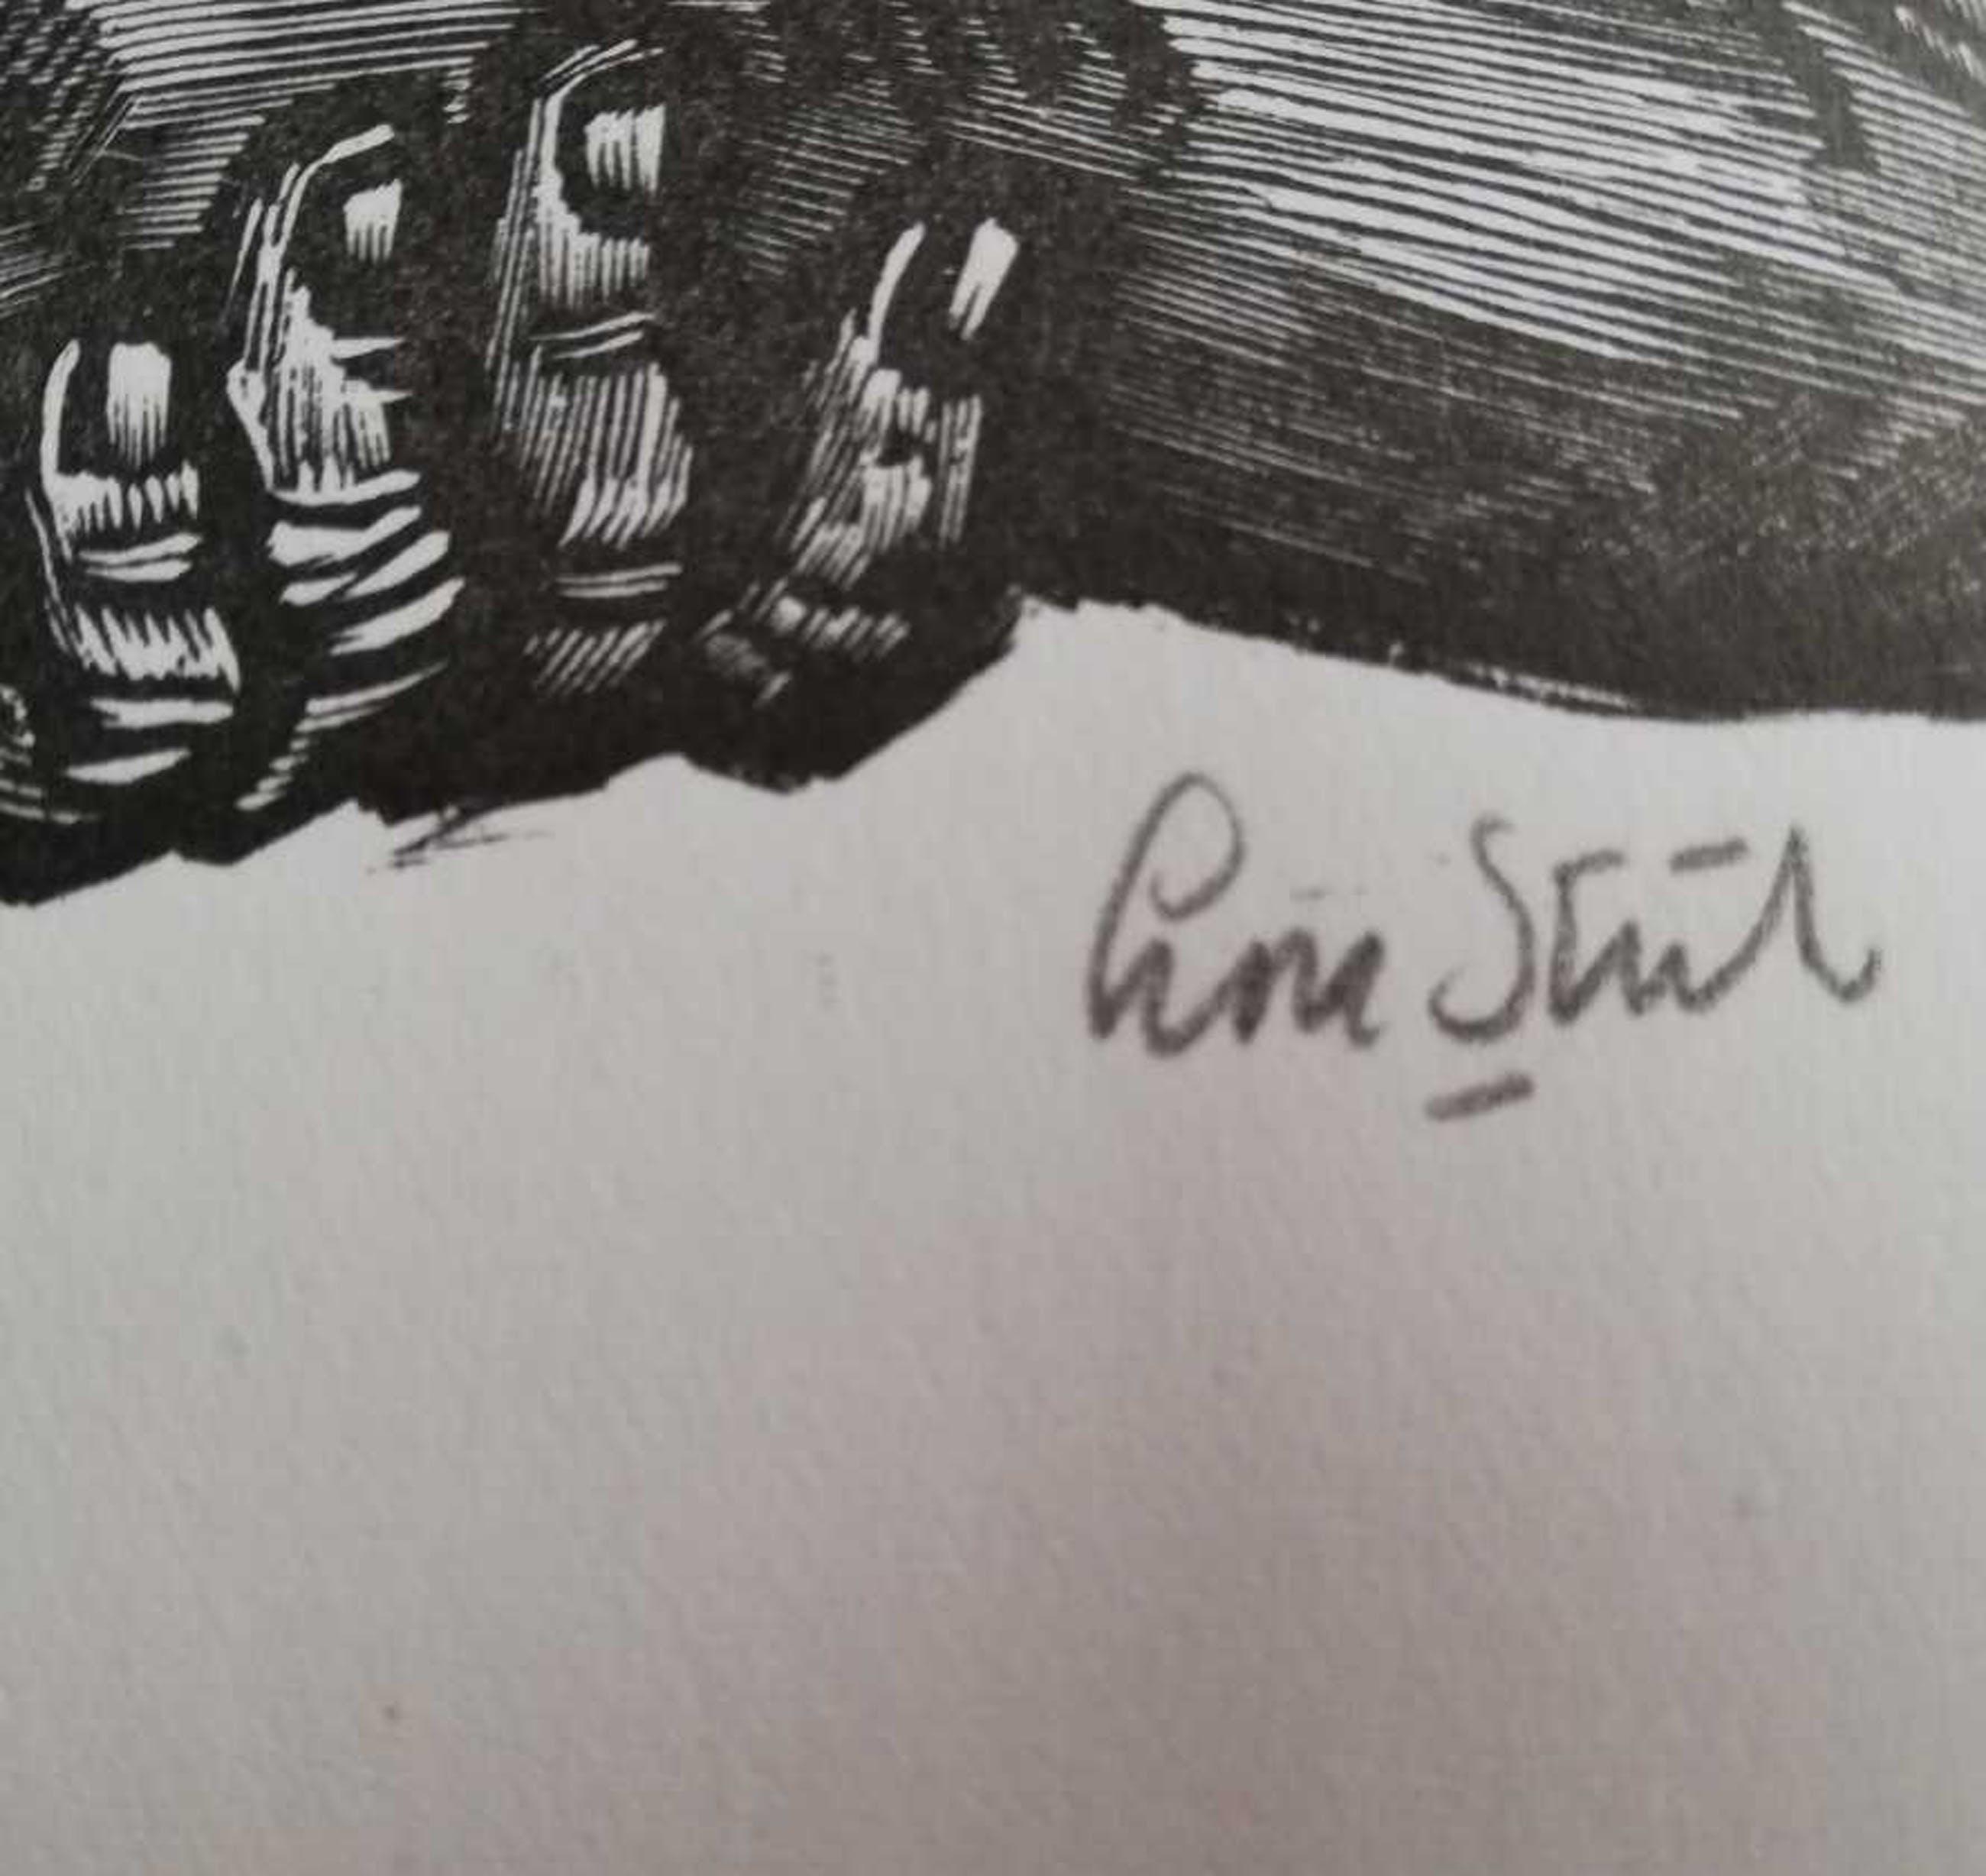 """Lou Strik - """"TOESCHOUWERS"""" / ZW-W LINOSNEDE / 39x54cm / SIG kopen? Bied vanaf 43!"""